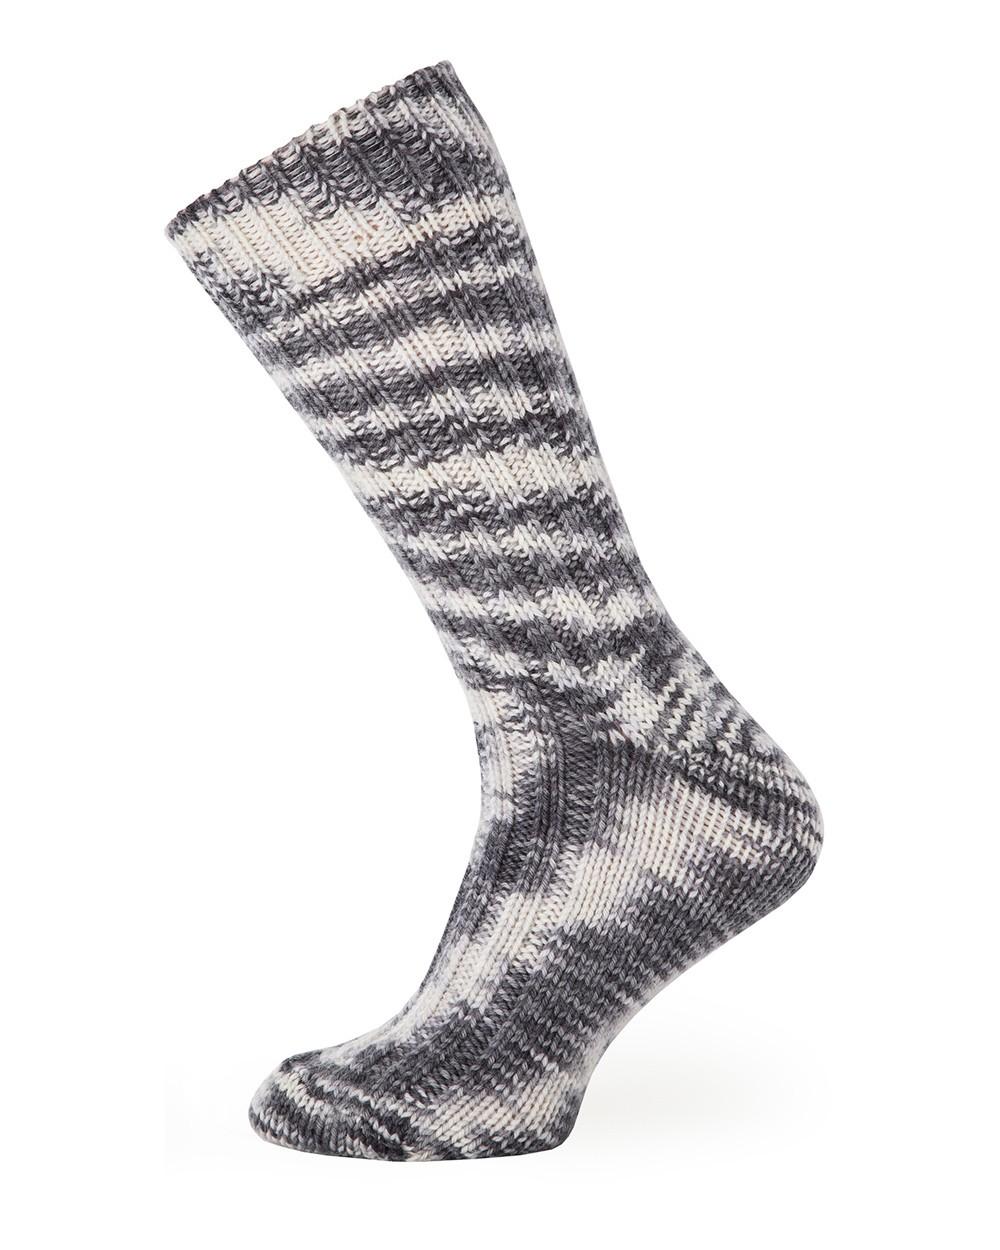 Men's 100% Wool Socks in Frost